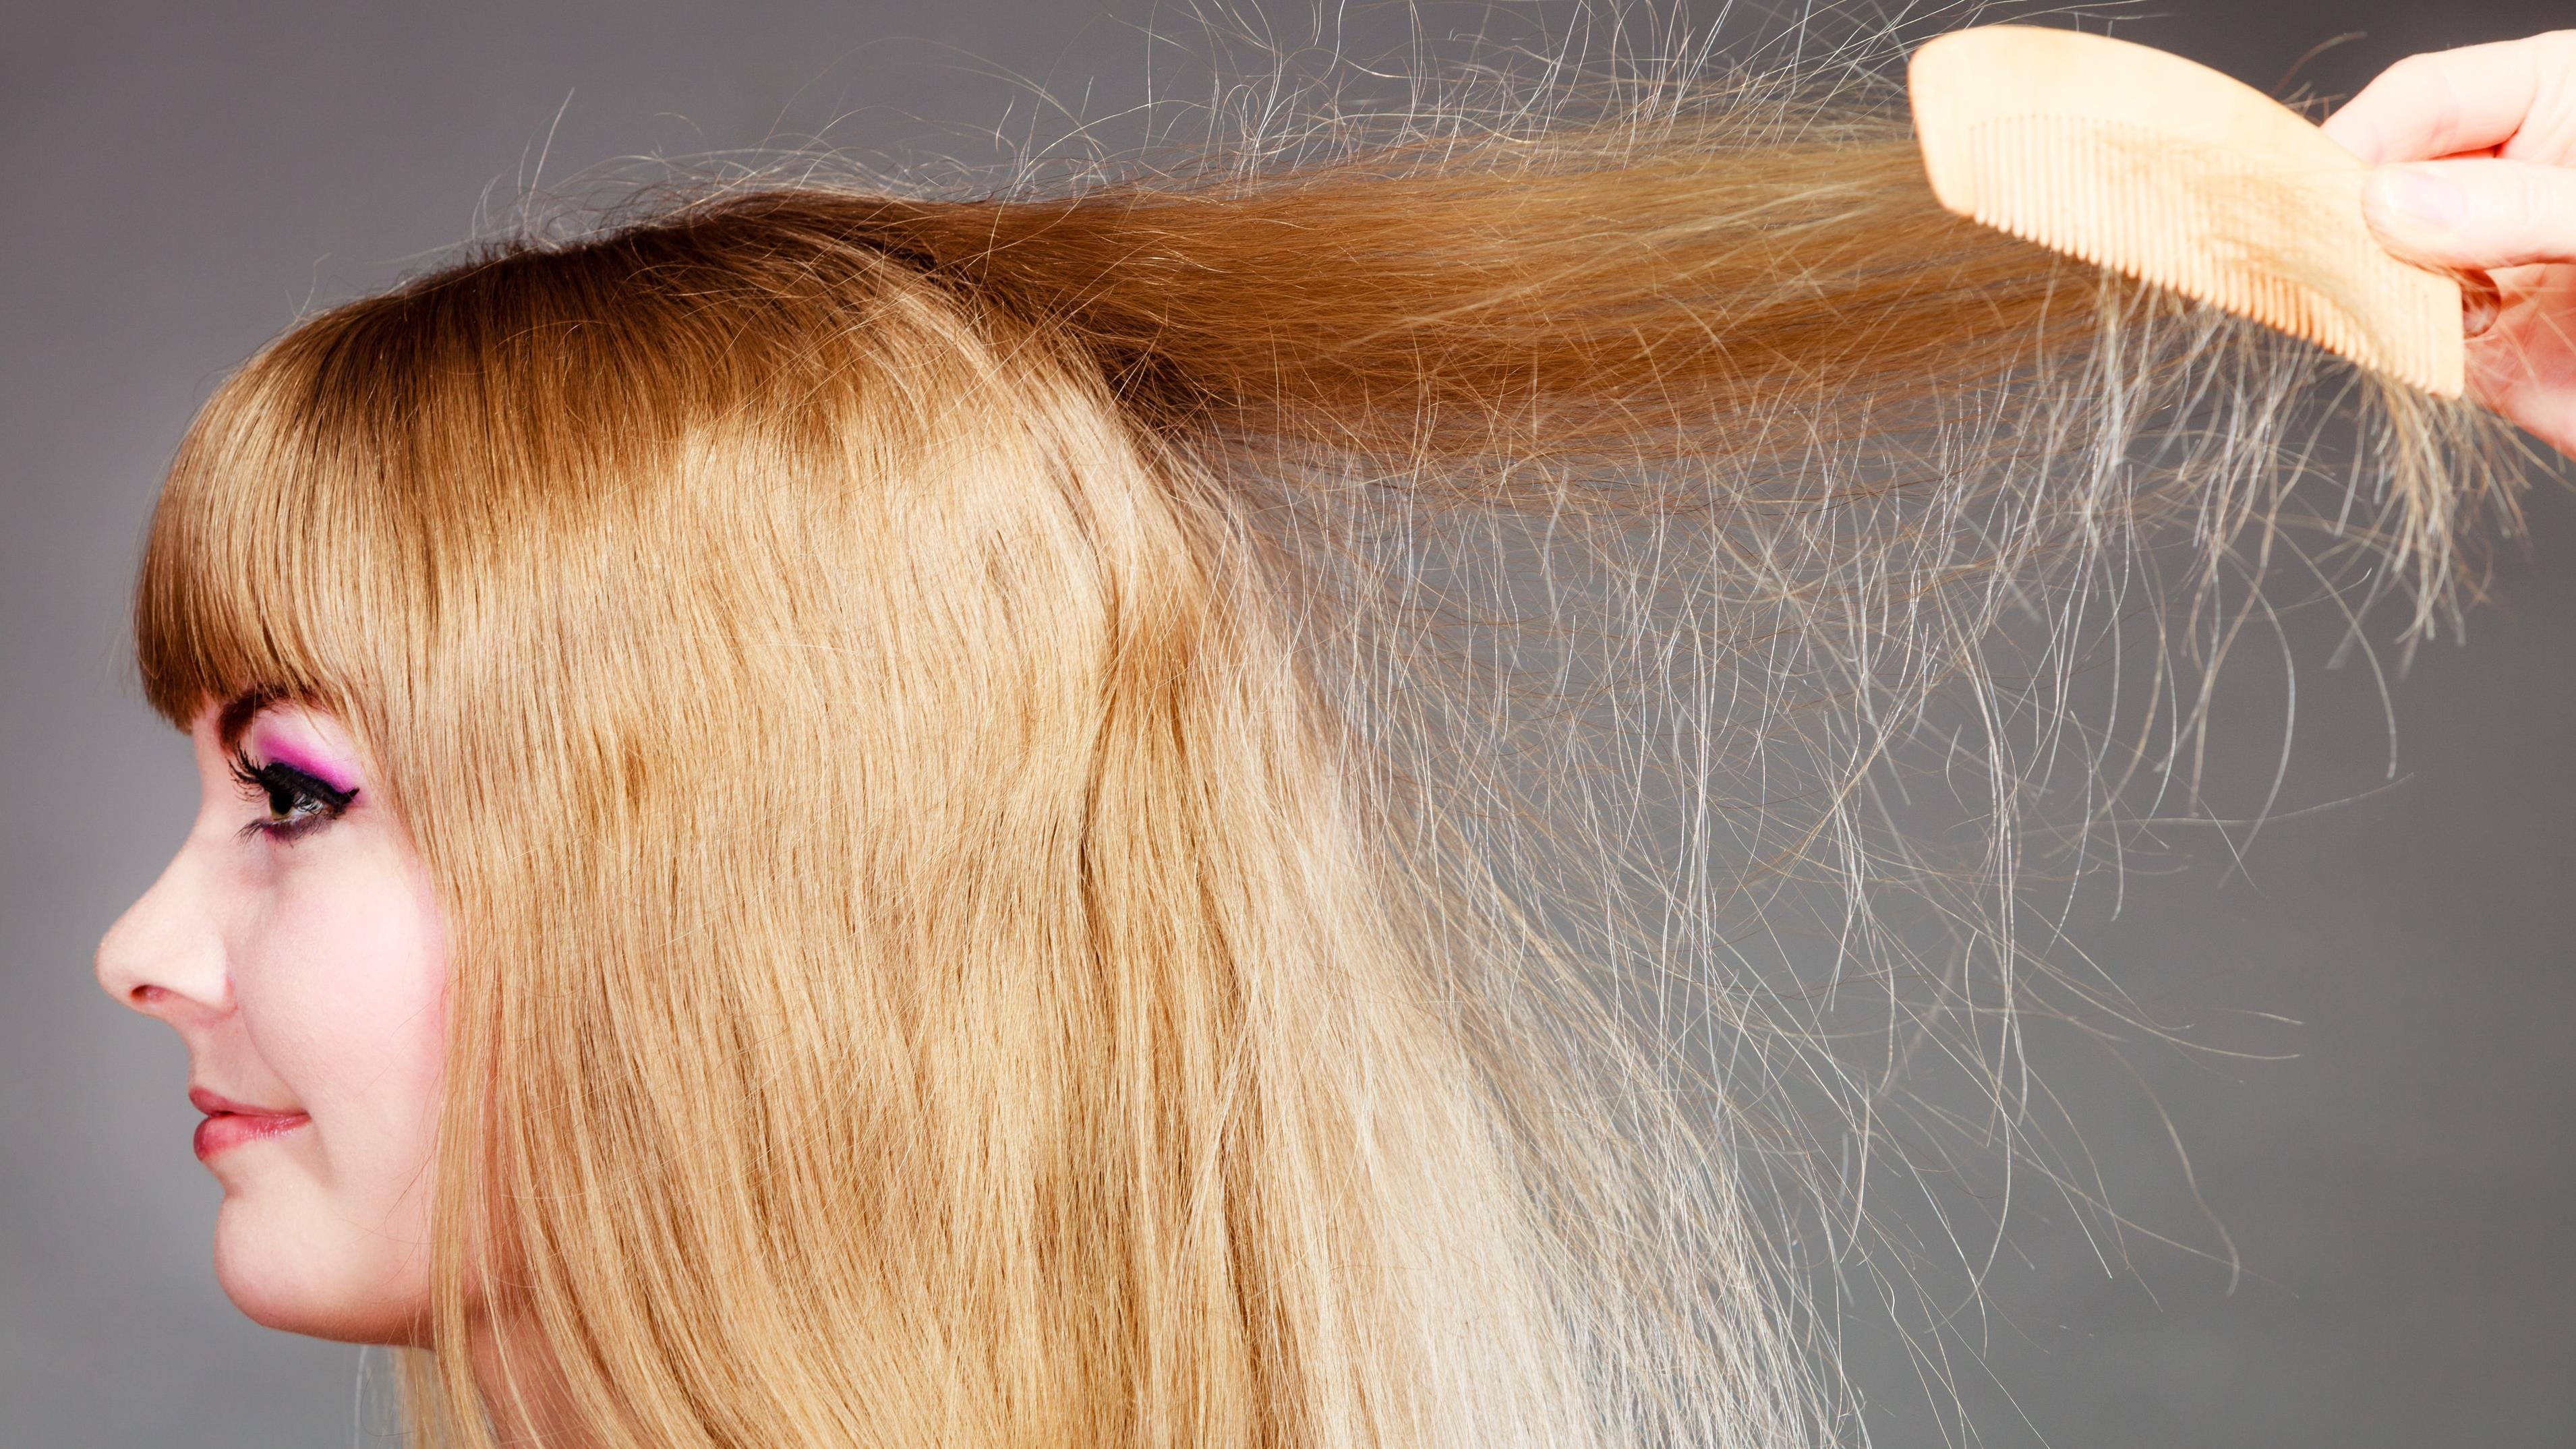 Co zrobić, aby włosy się nie elektryzowały?